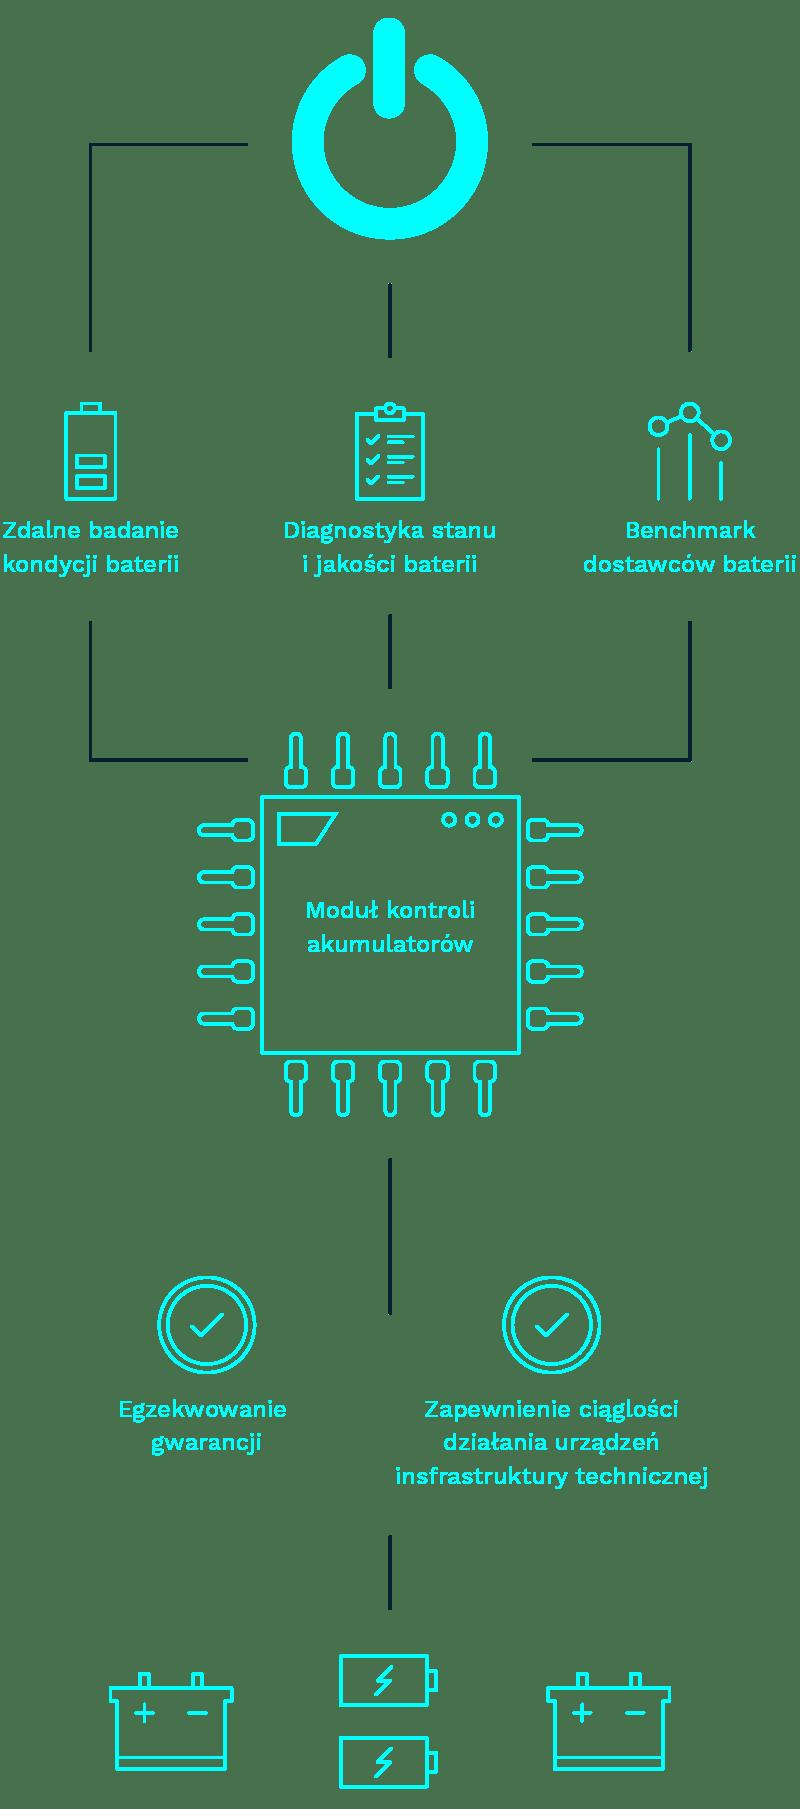 Monitorowanie pracy i stanu akumulatorów